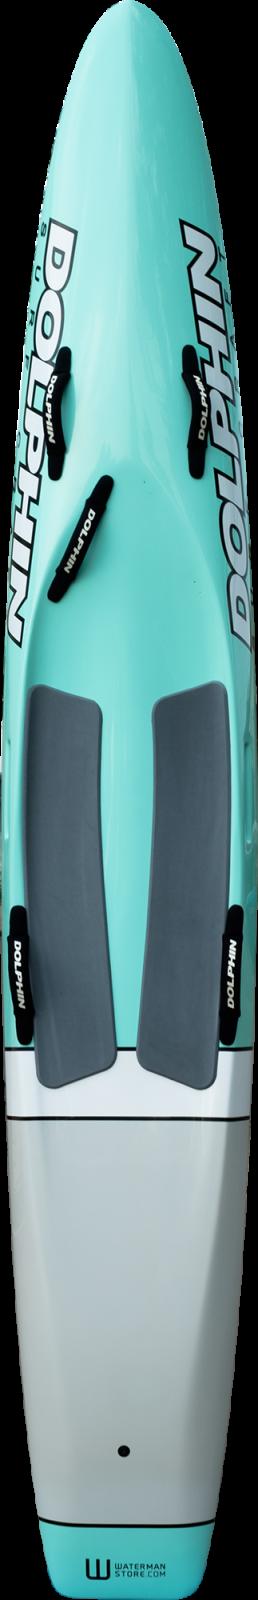 Dolphin 10'6 XL - 481